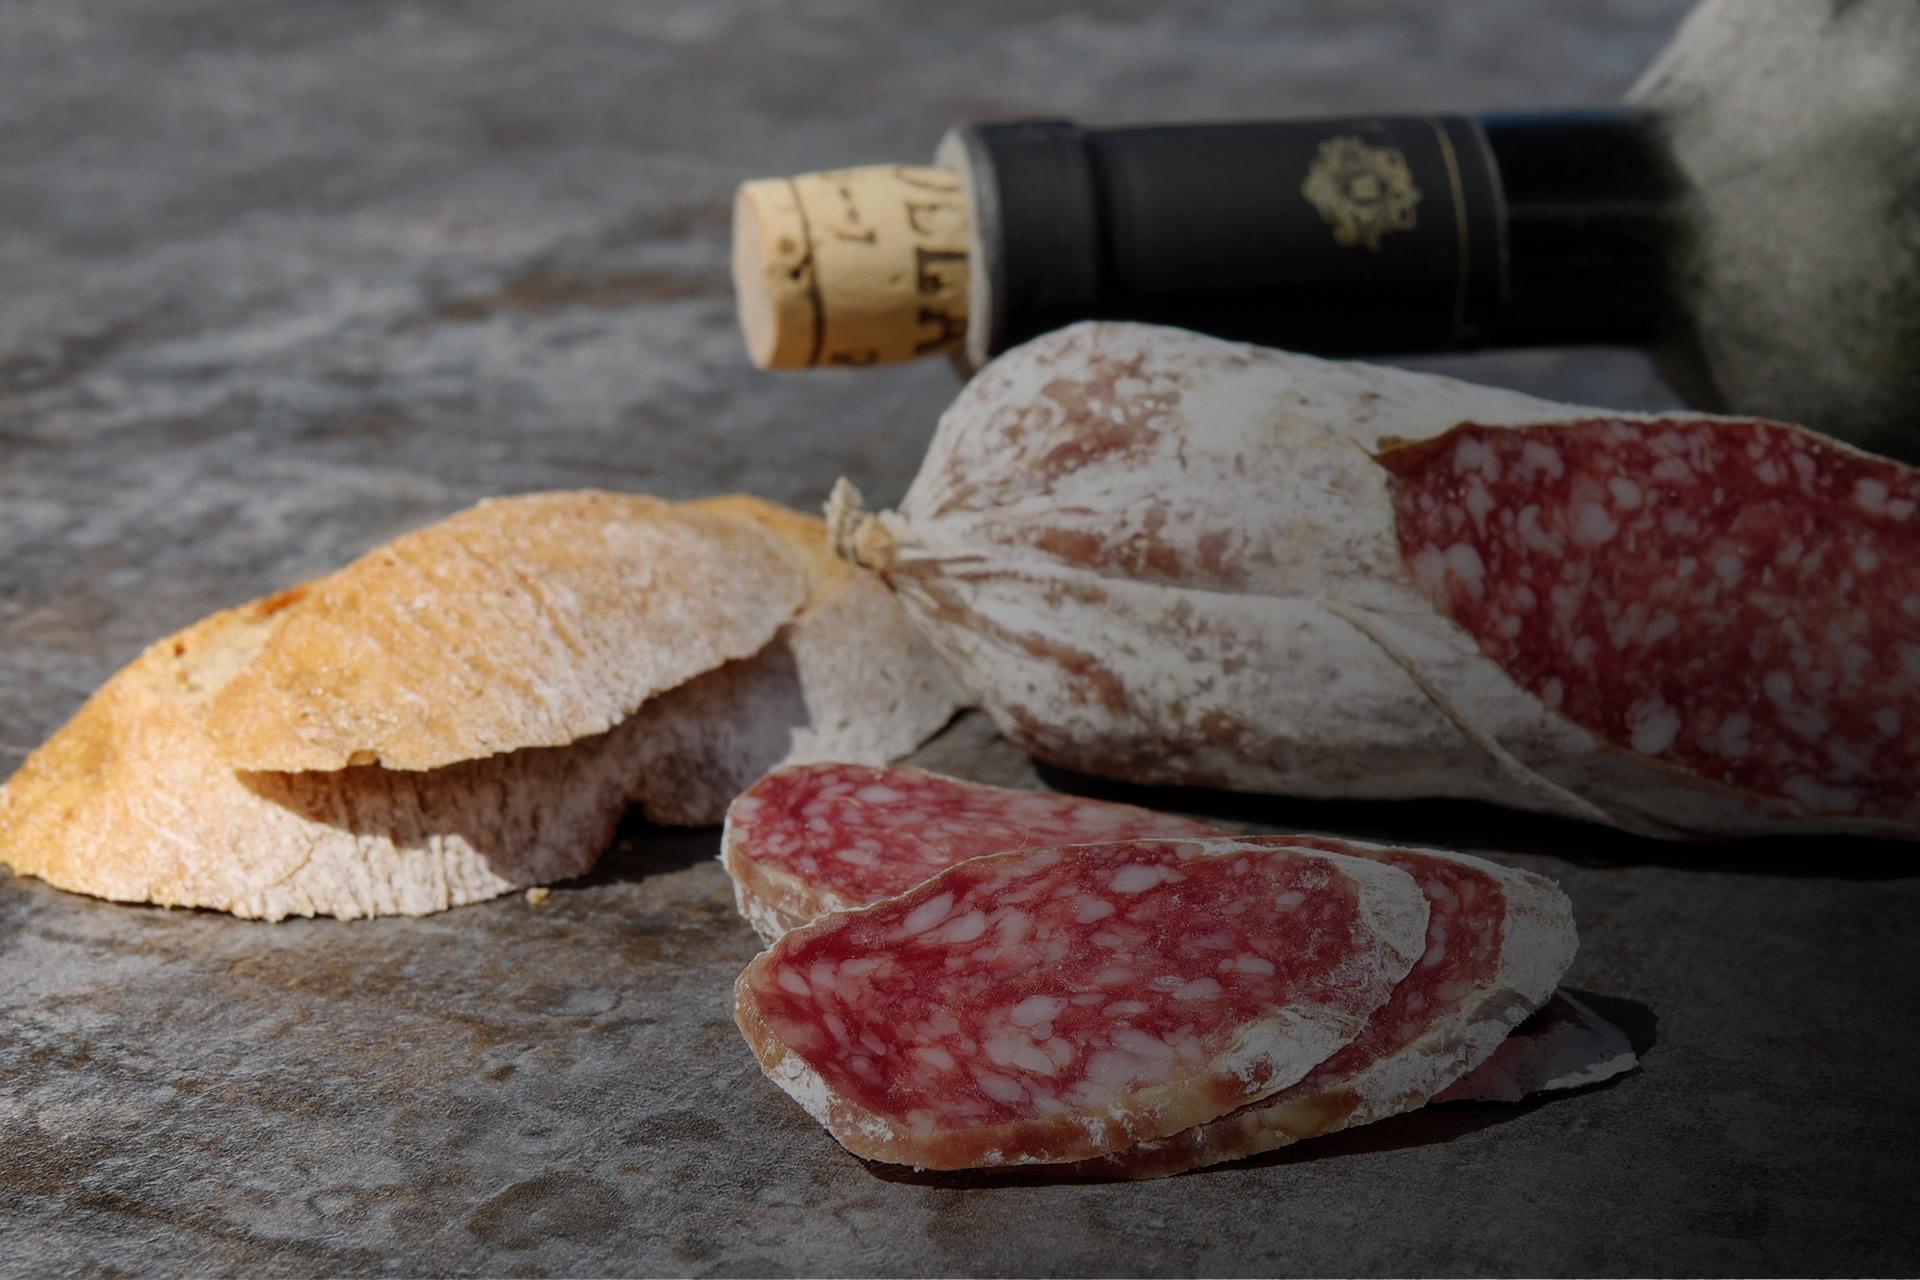 Carletti Carni - produzione salumi, capocollo, lombetto, coppa, pancetta, prosciutto.